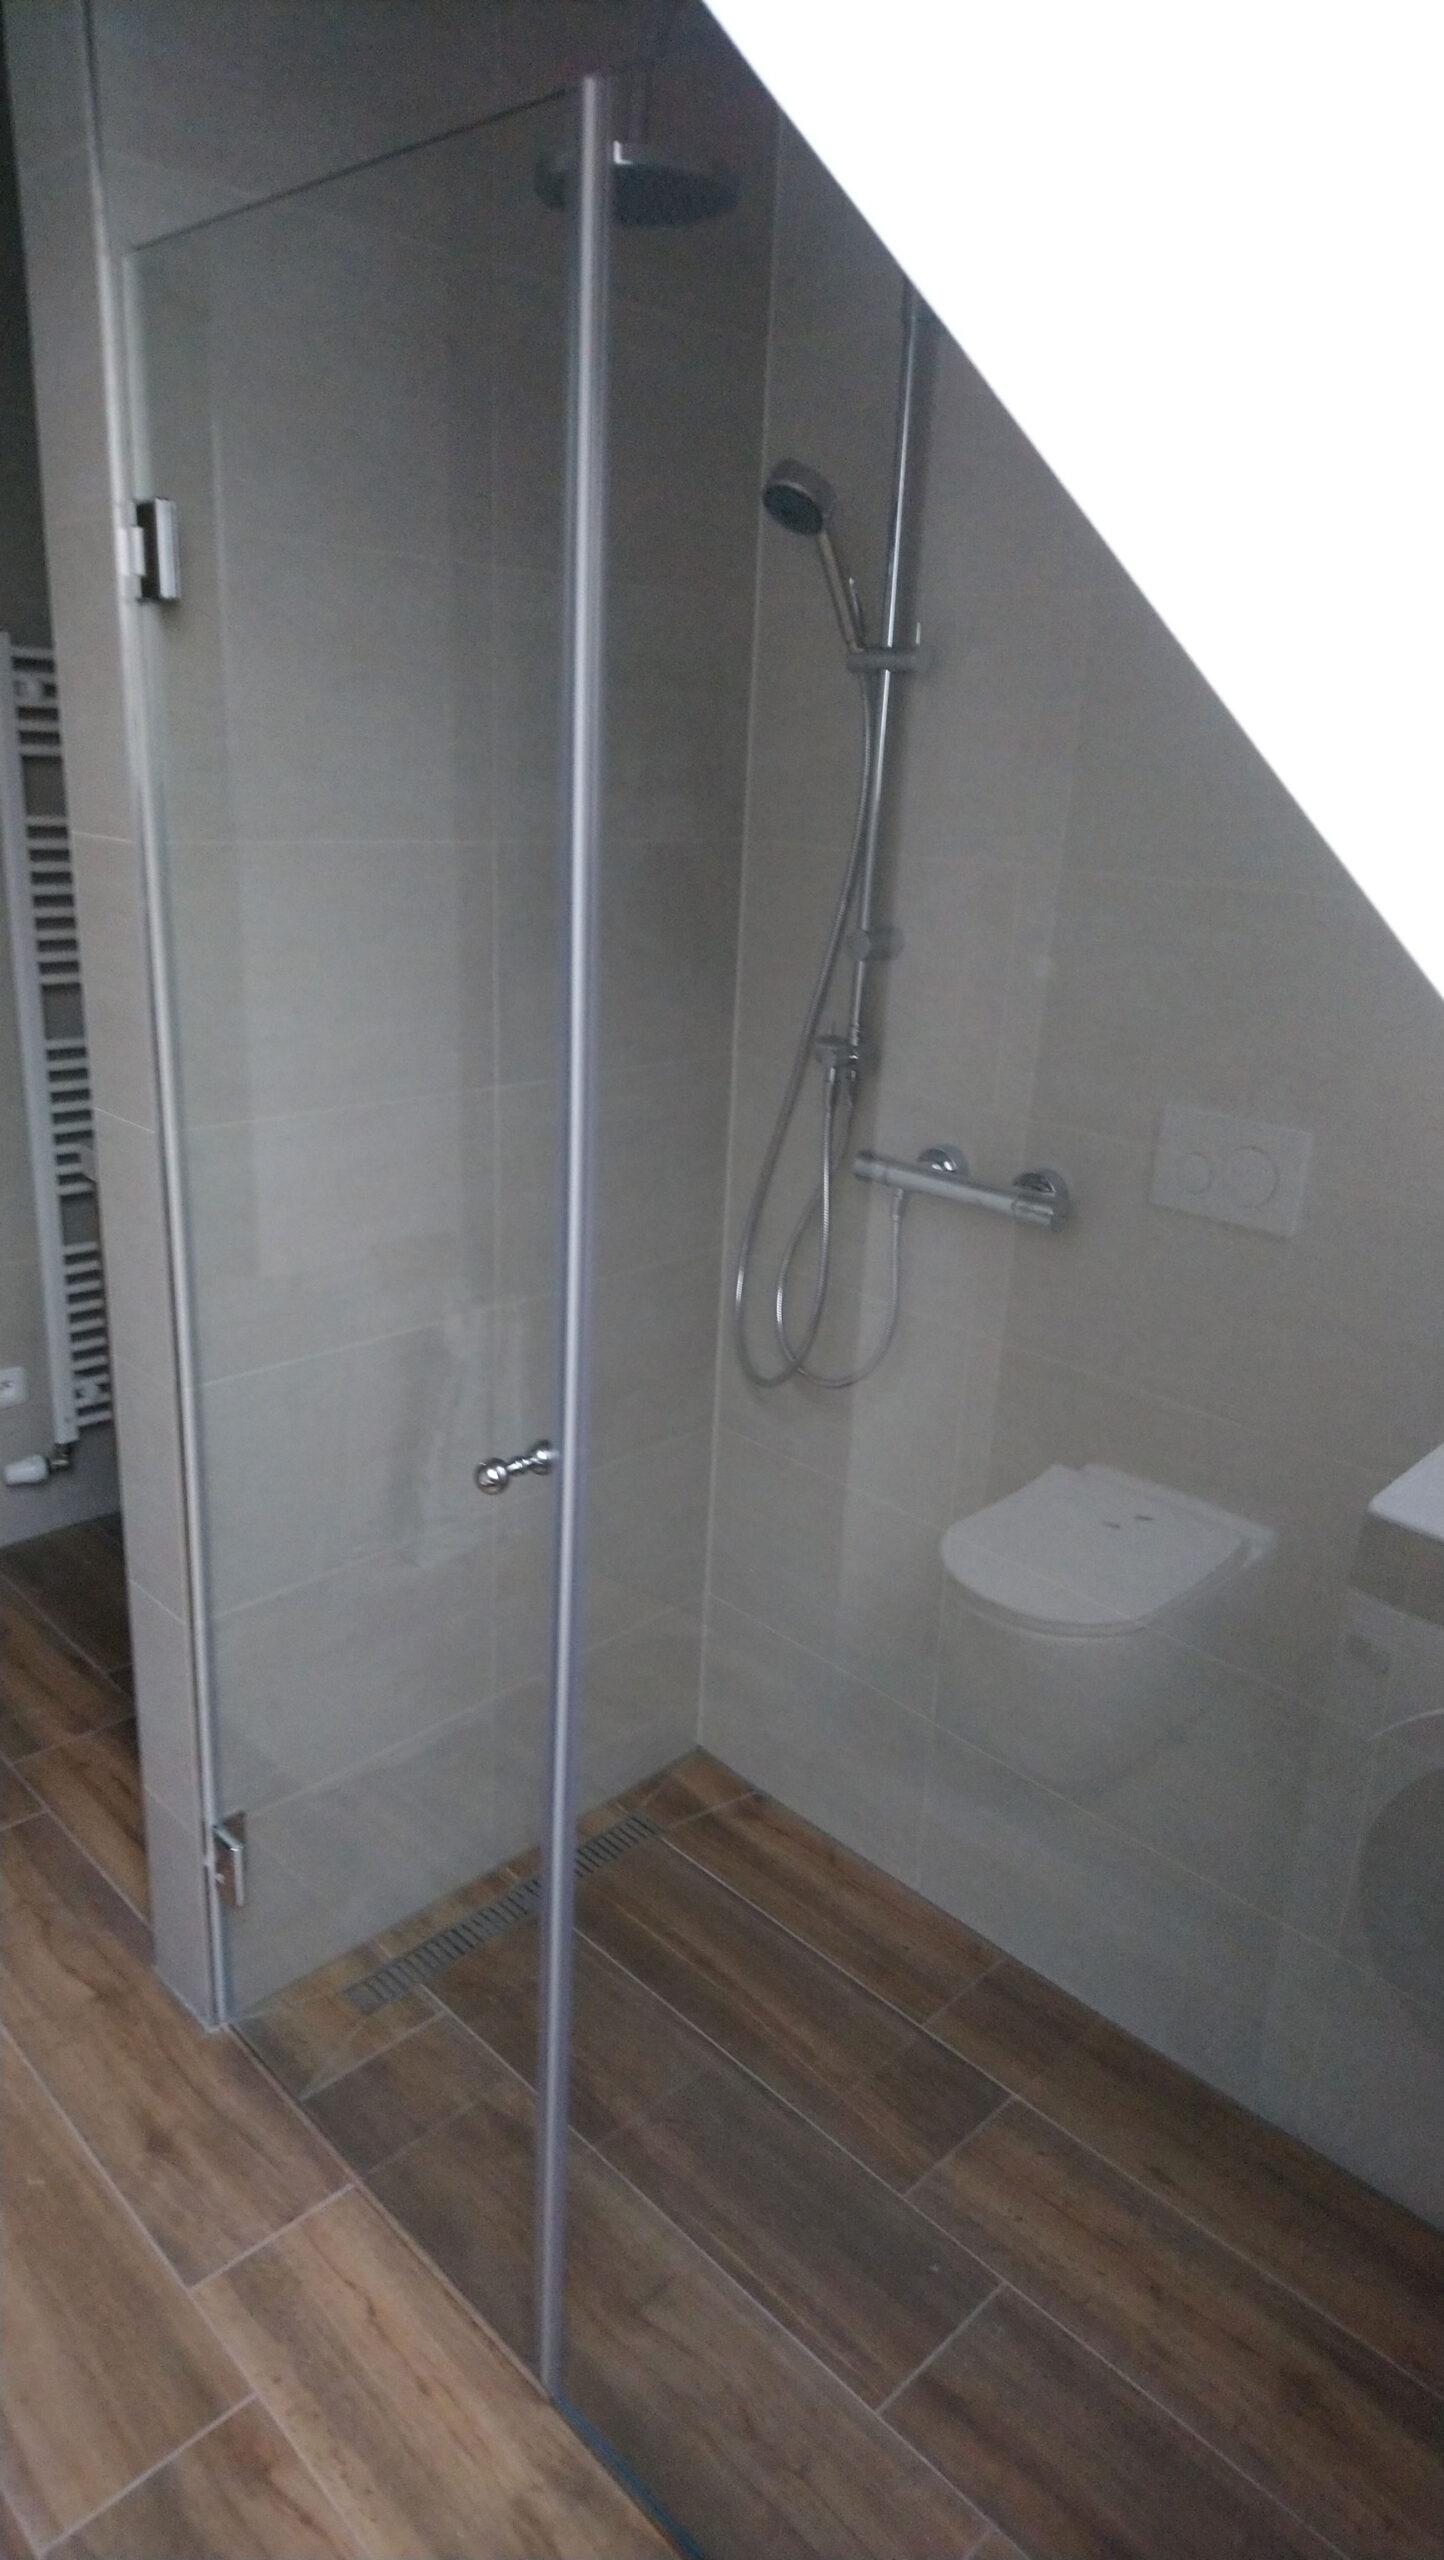 Sklenarstvi-Prerost-sprchove- kouty-a-sprchy (8)